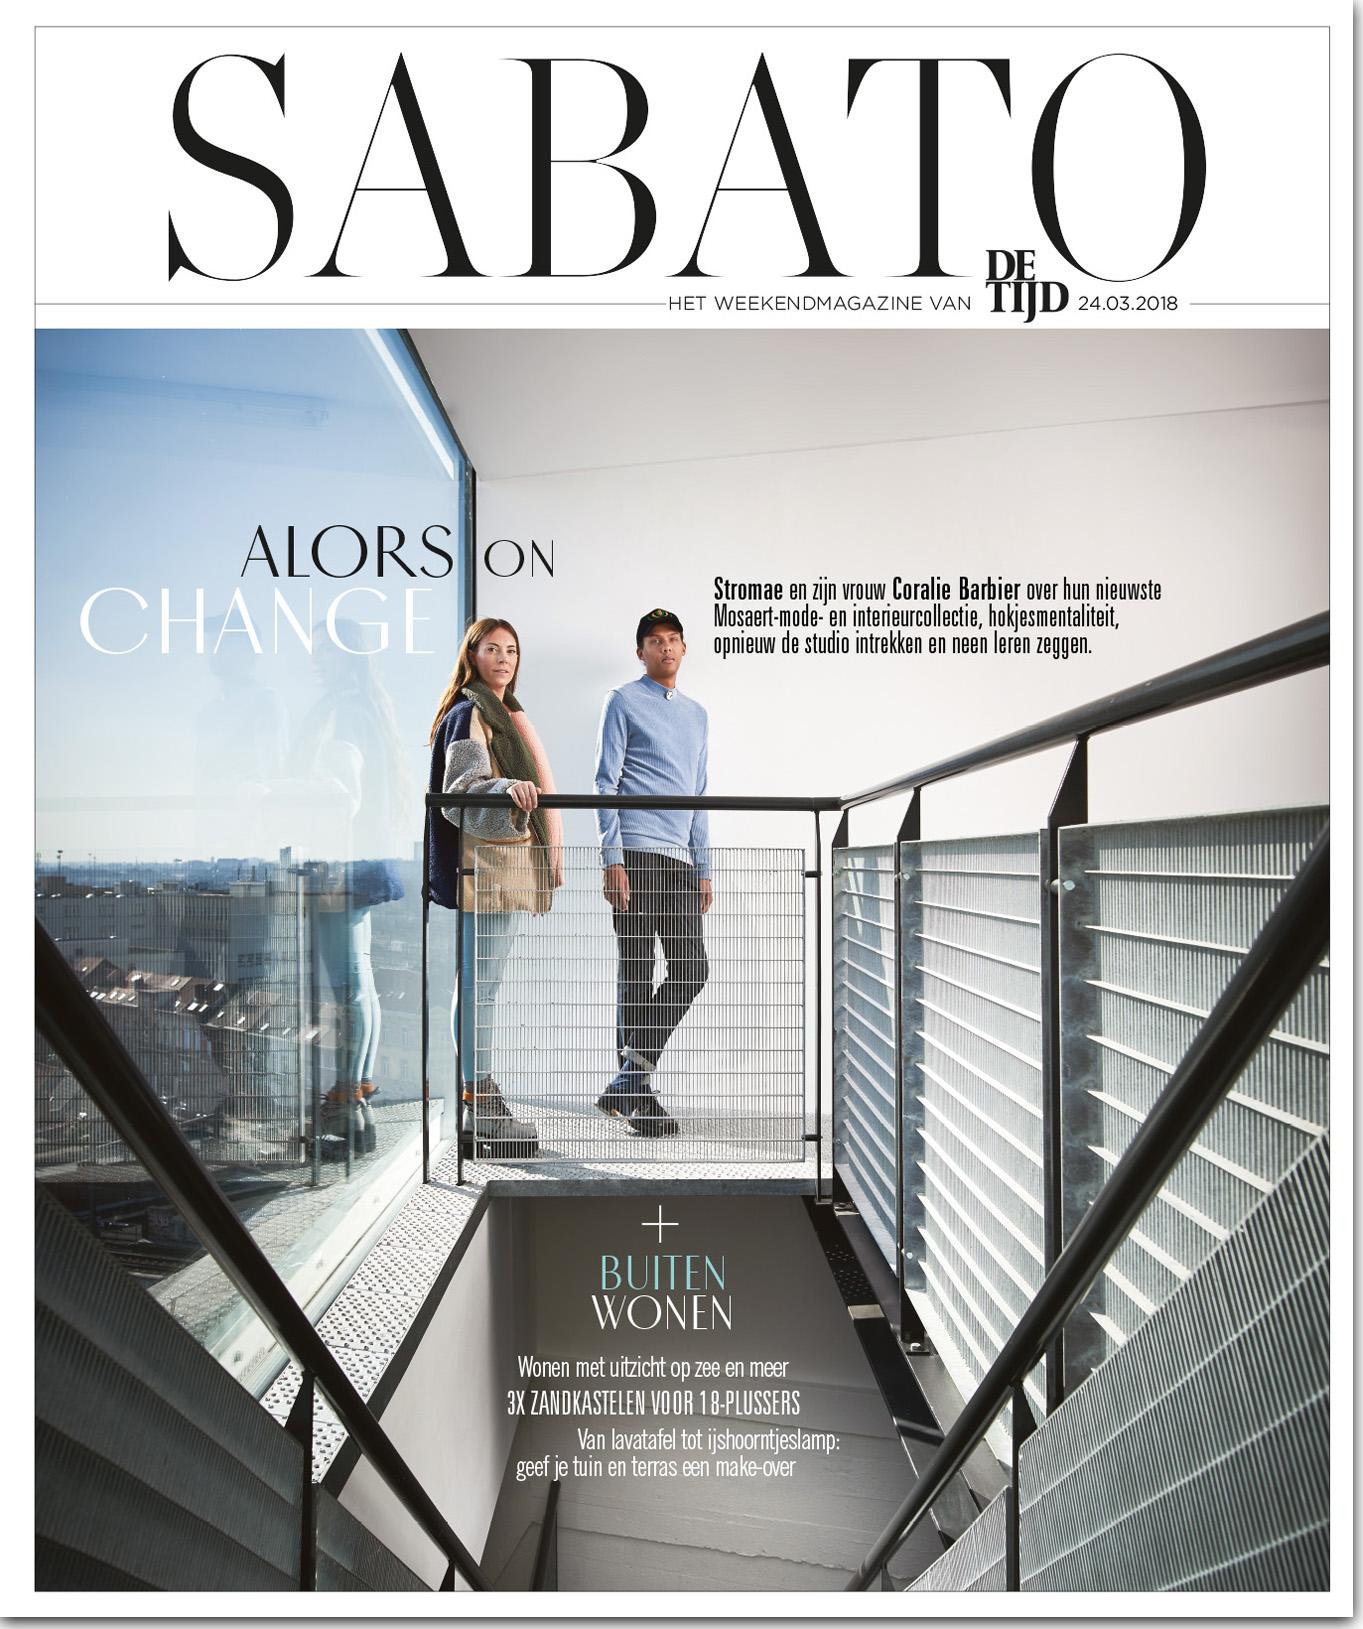 #VillaCD in Sabato Magazine - Zandkastelen voor 18-plussers  In Dutch